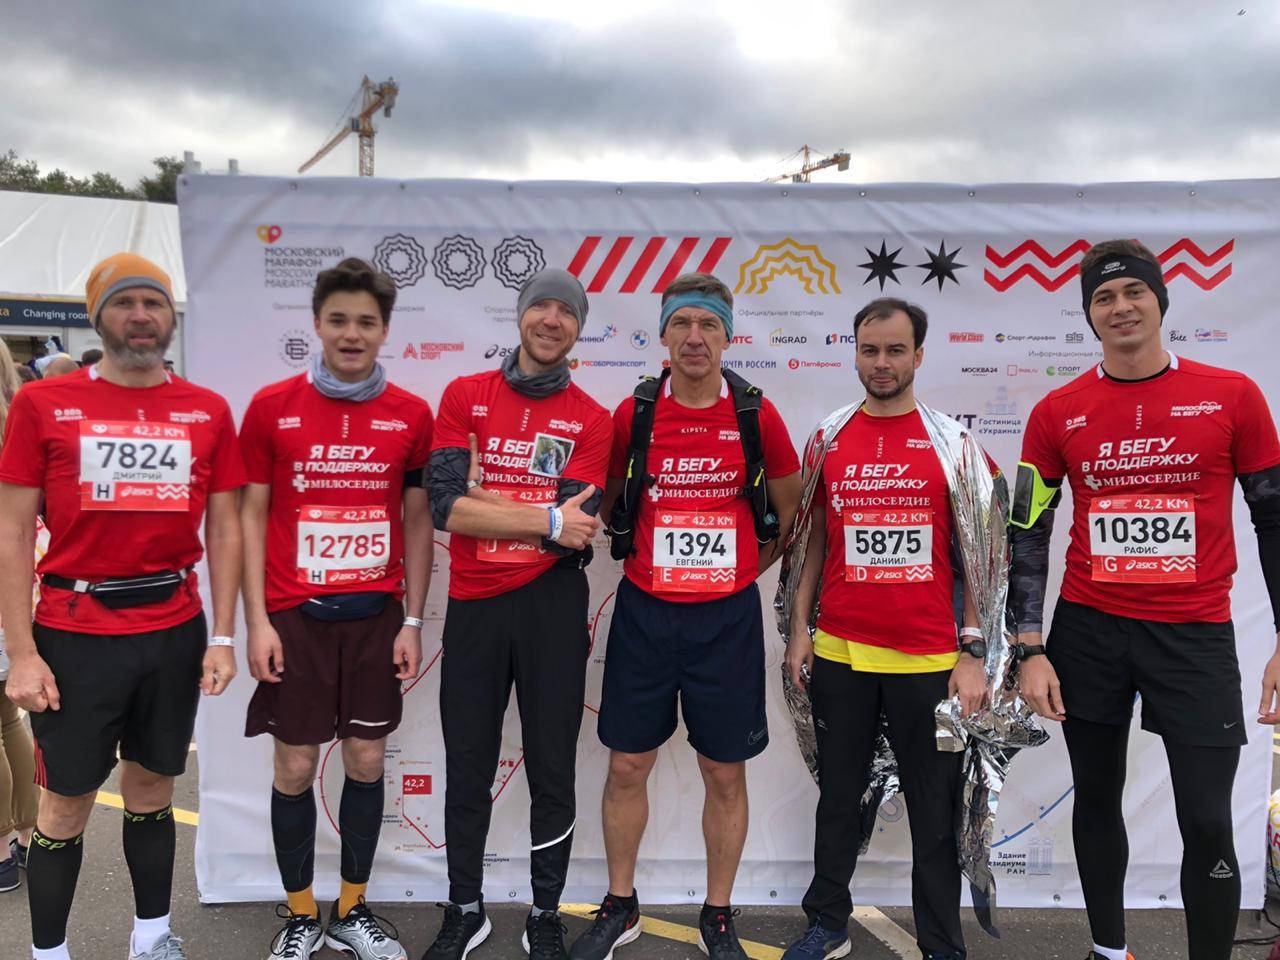 Наша команда-марафонцев. Остальные бежали десятку.